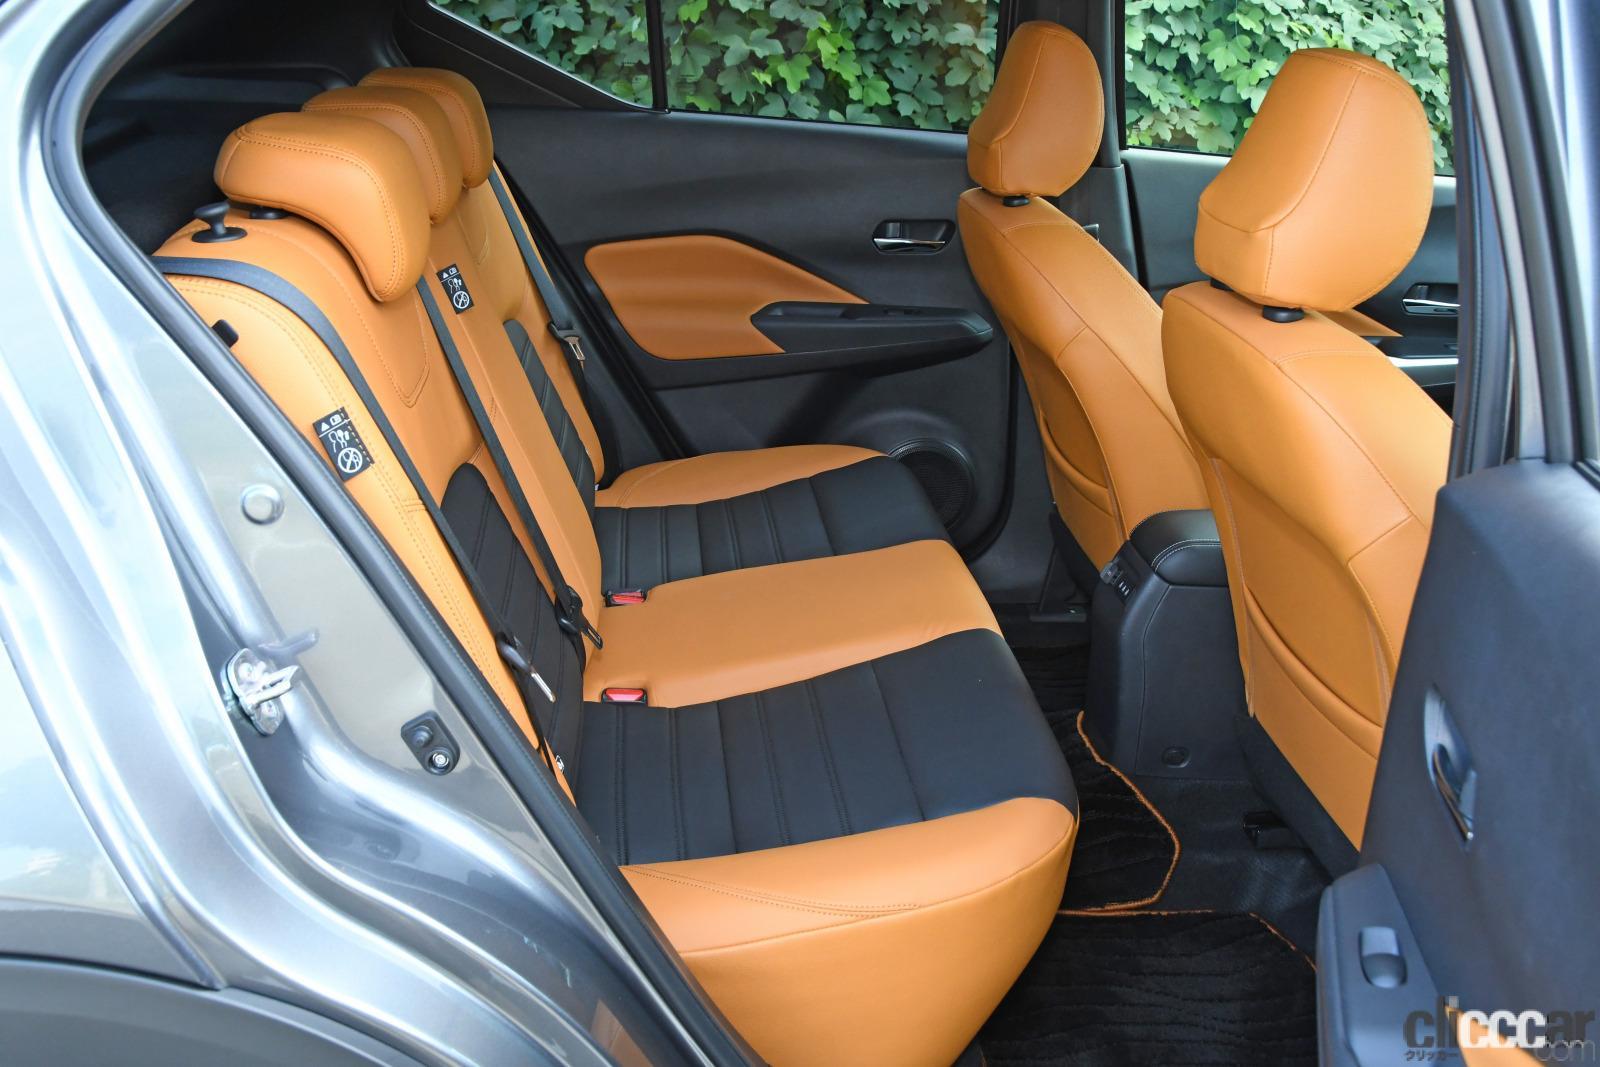 「SUVのeパワー搭載モデルが登場。コンパクトカー、ミニバンに続く第3弾【日産キックス試乗】」の5枚目の画像